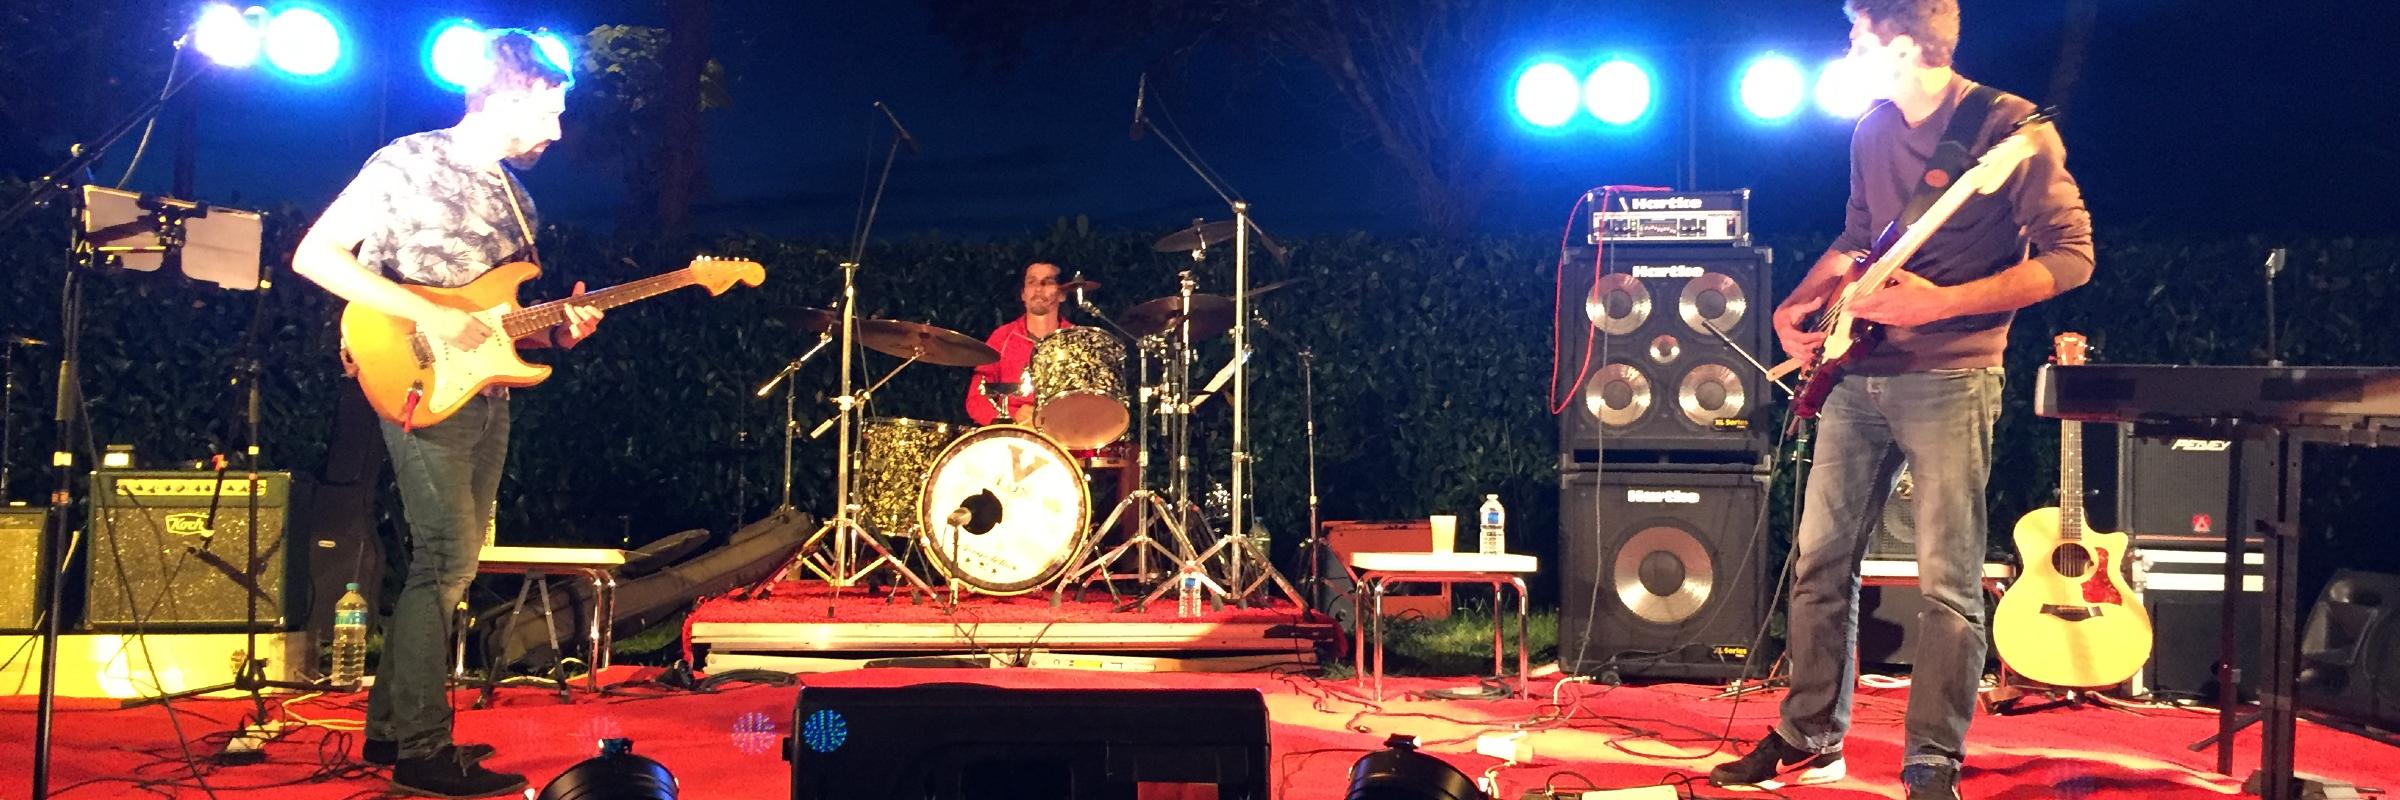 Bending point, groupe de musique Rock en représentation à Gironde - photo de couverture